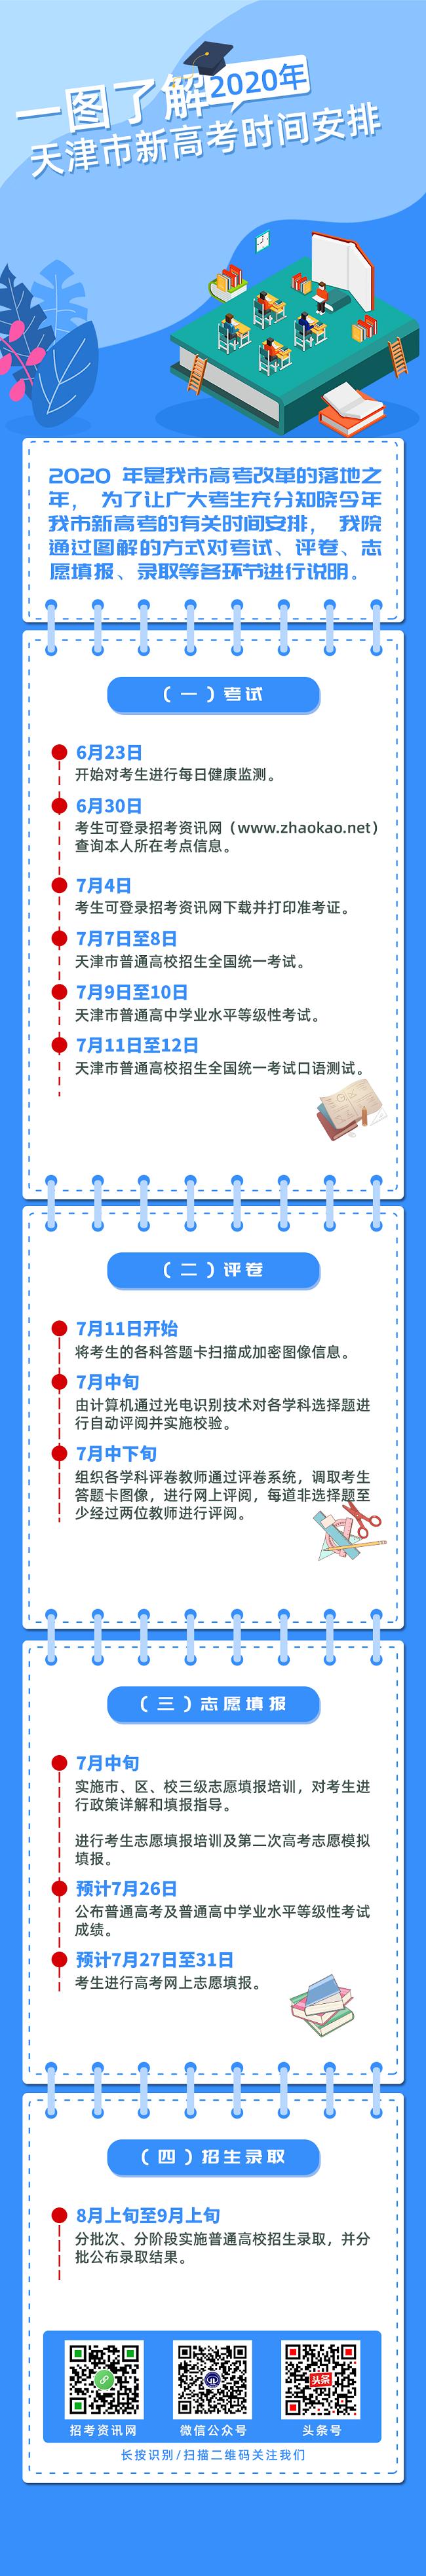 2020年天津新高考时间安排